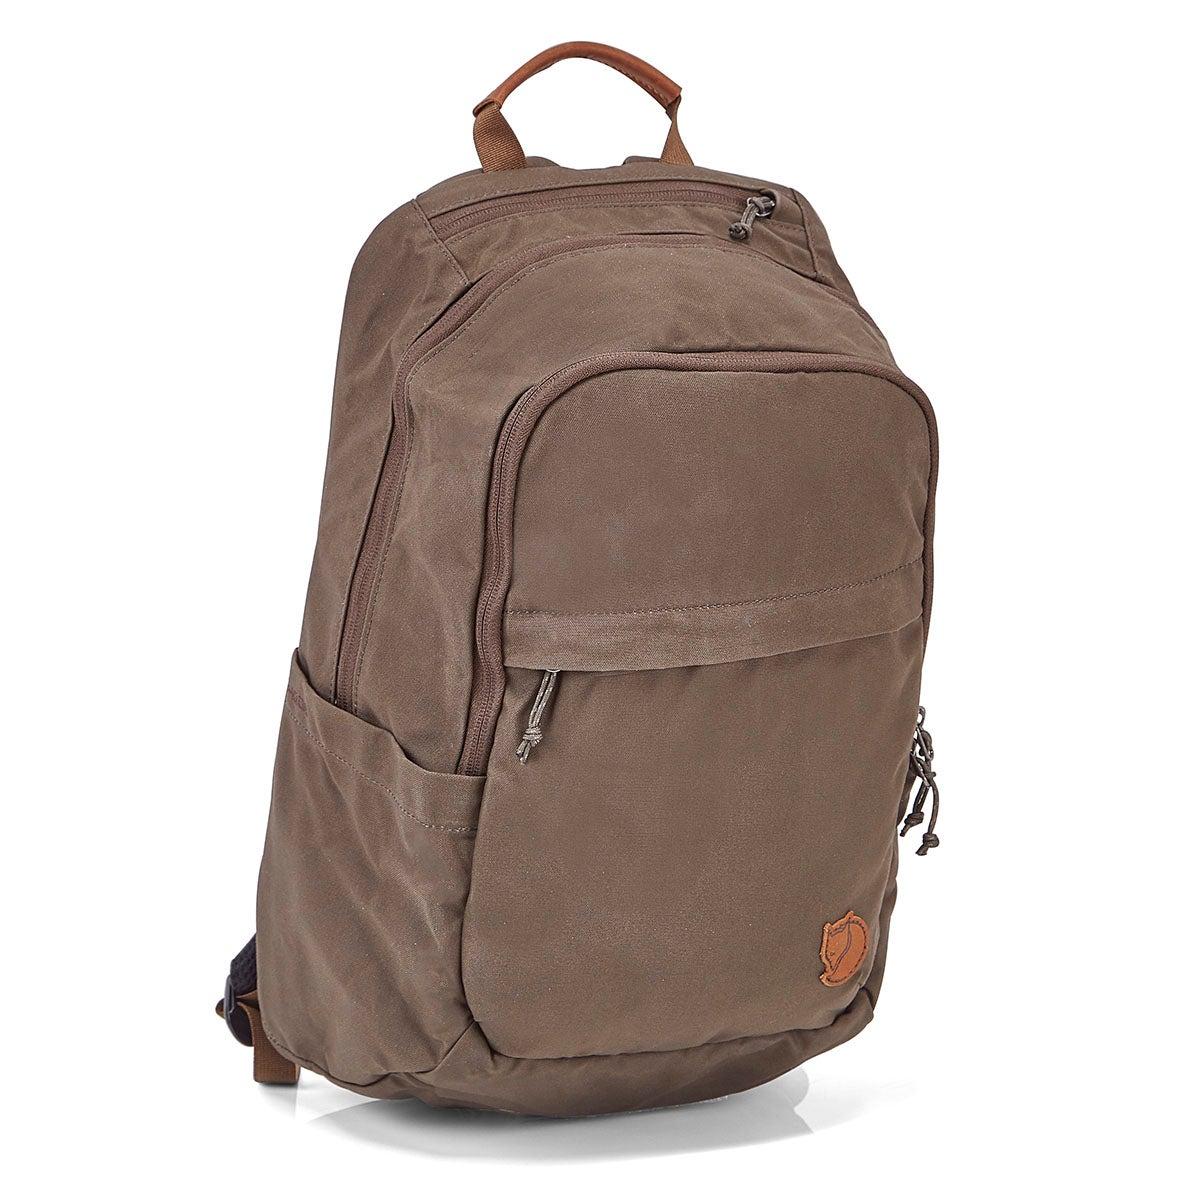 Fjallraven Raven 20L dark olive backpack